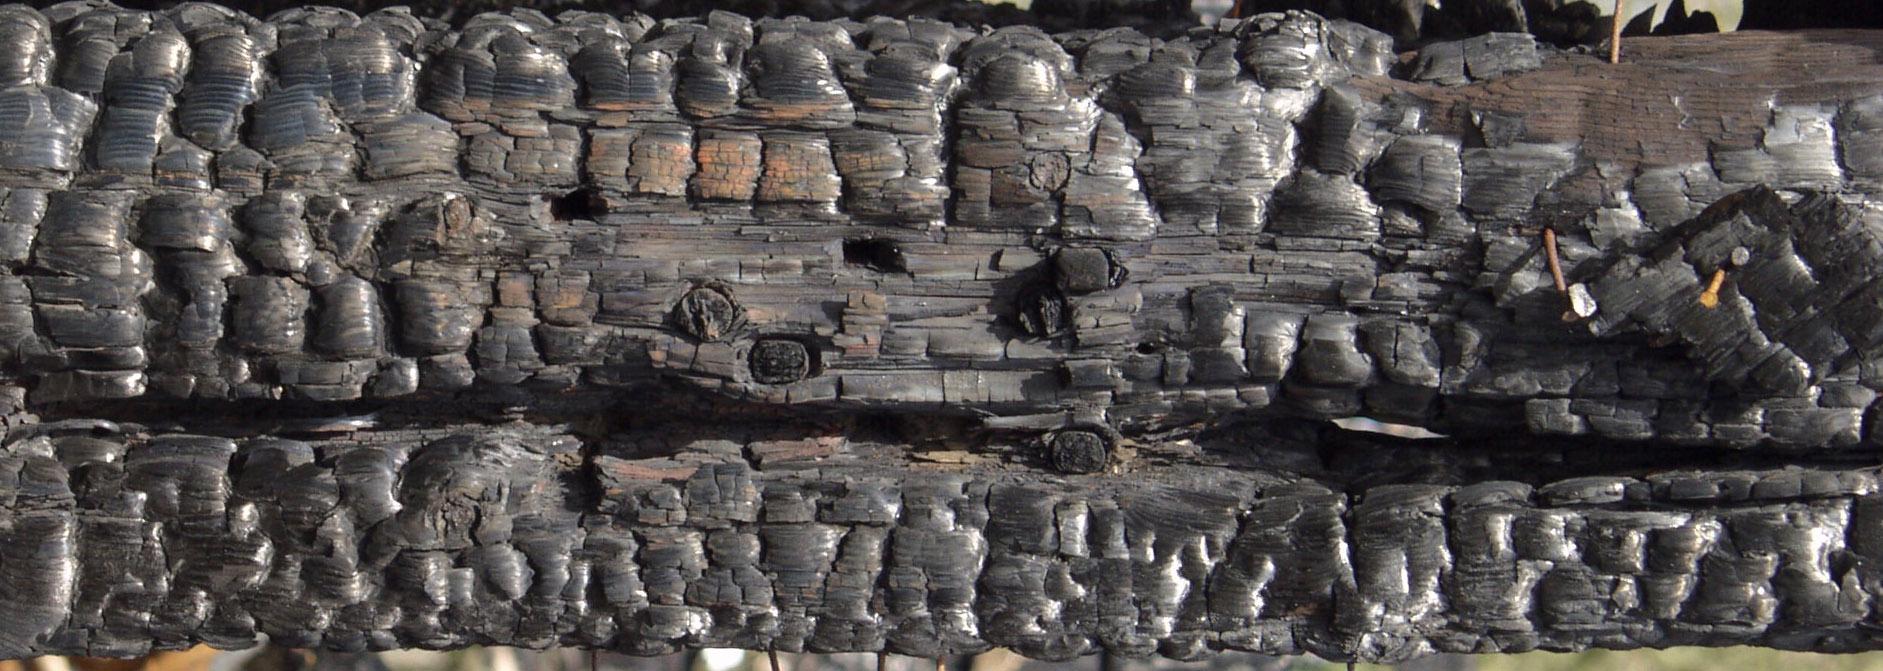 木材-燃烧过的-木梁(1)高清贴图【ID:837053232】